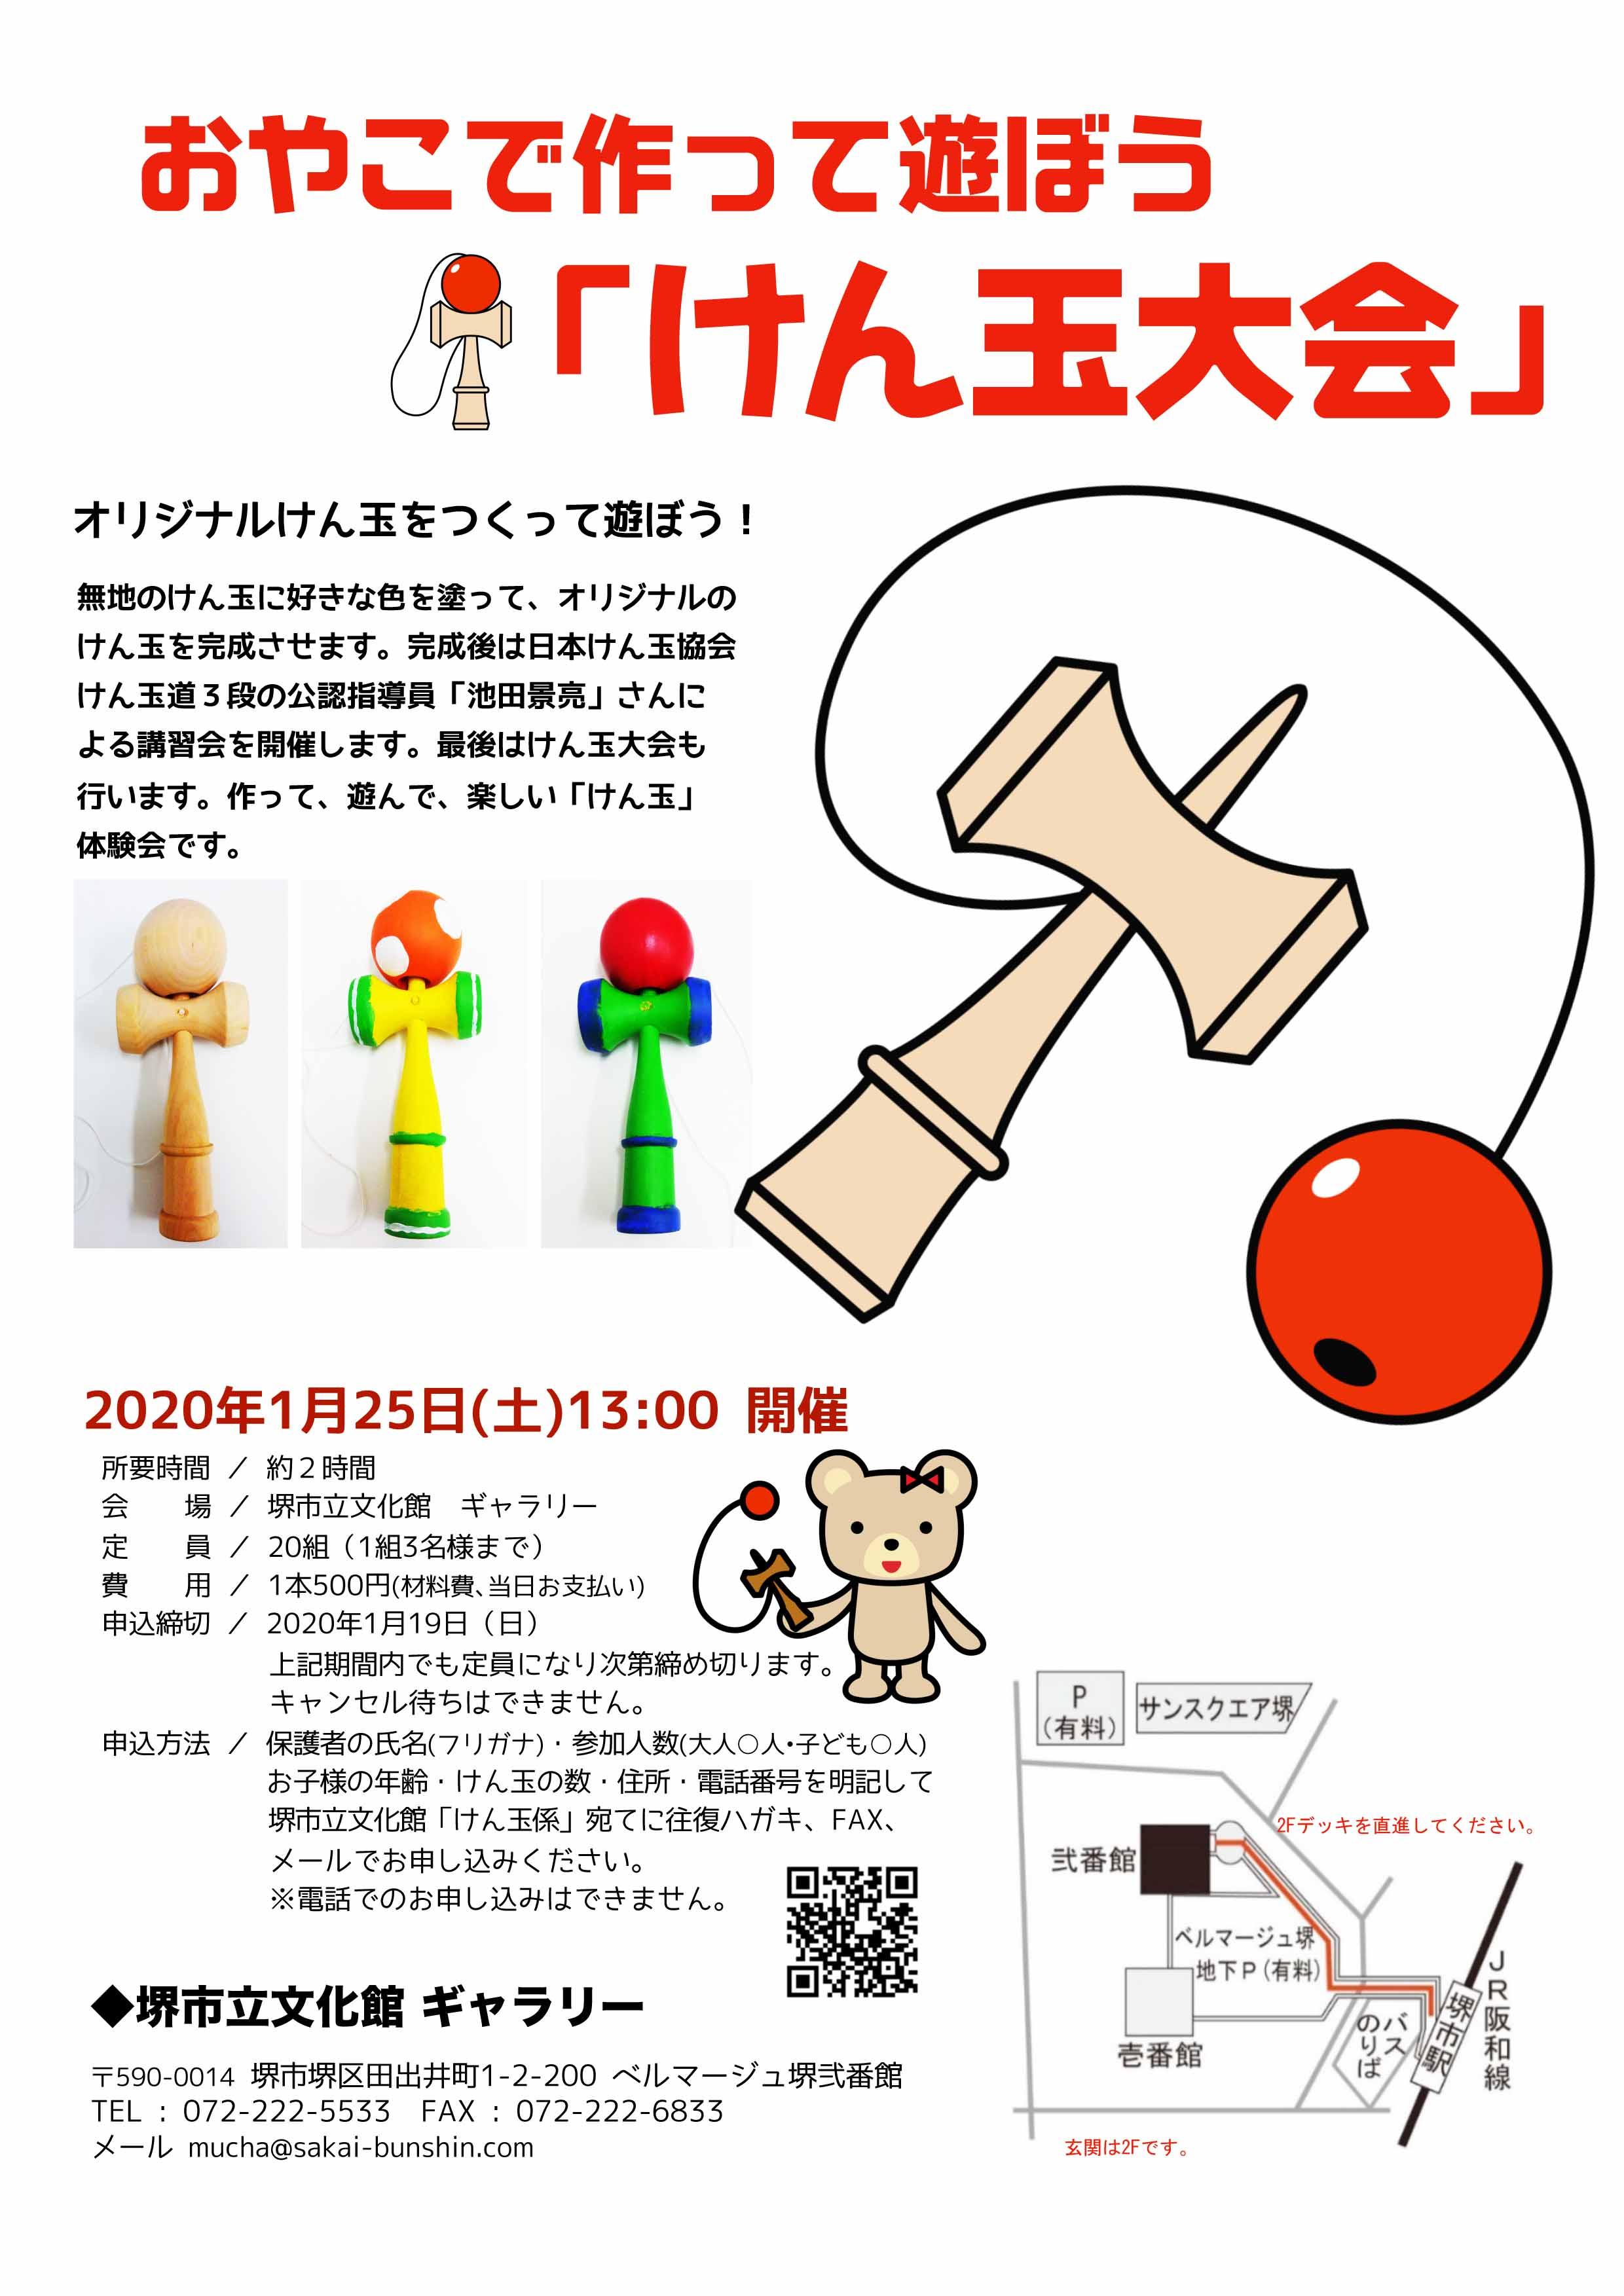 堺市立文化館 おやこで作って遊ぼう「けん玉大会」